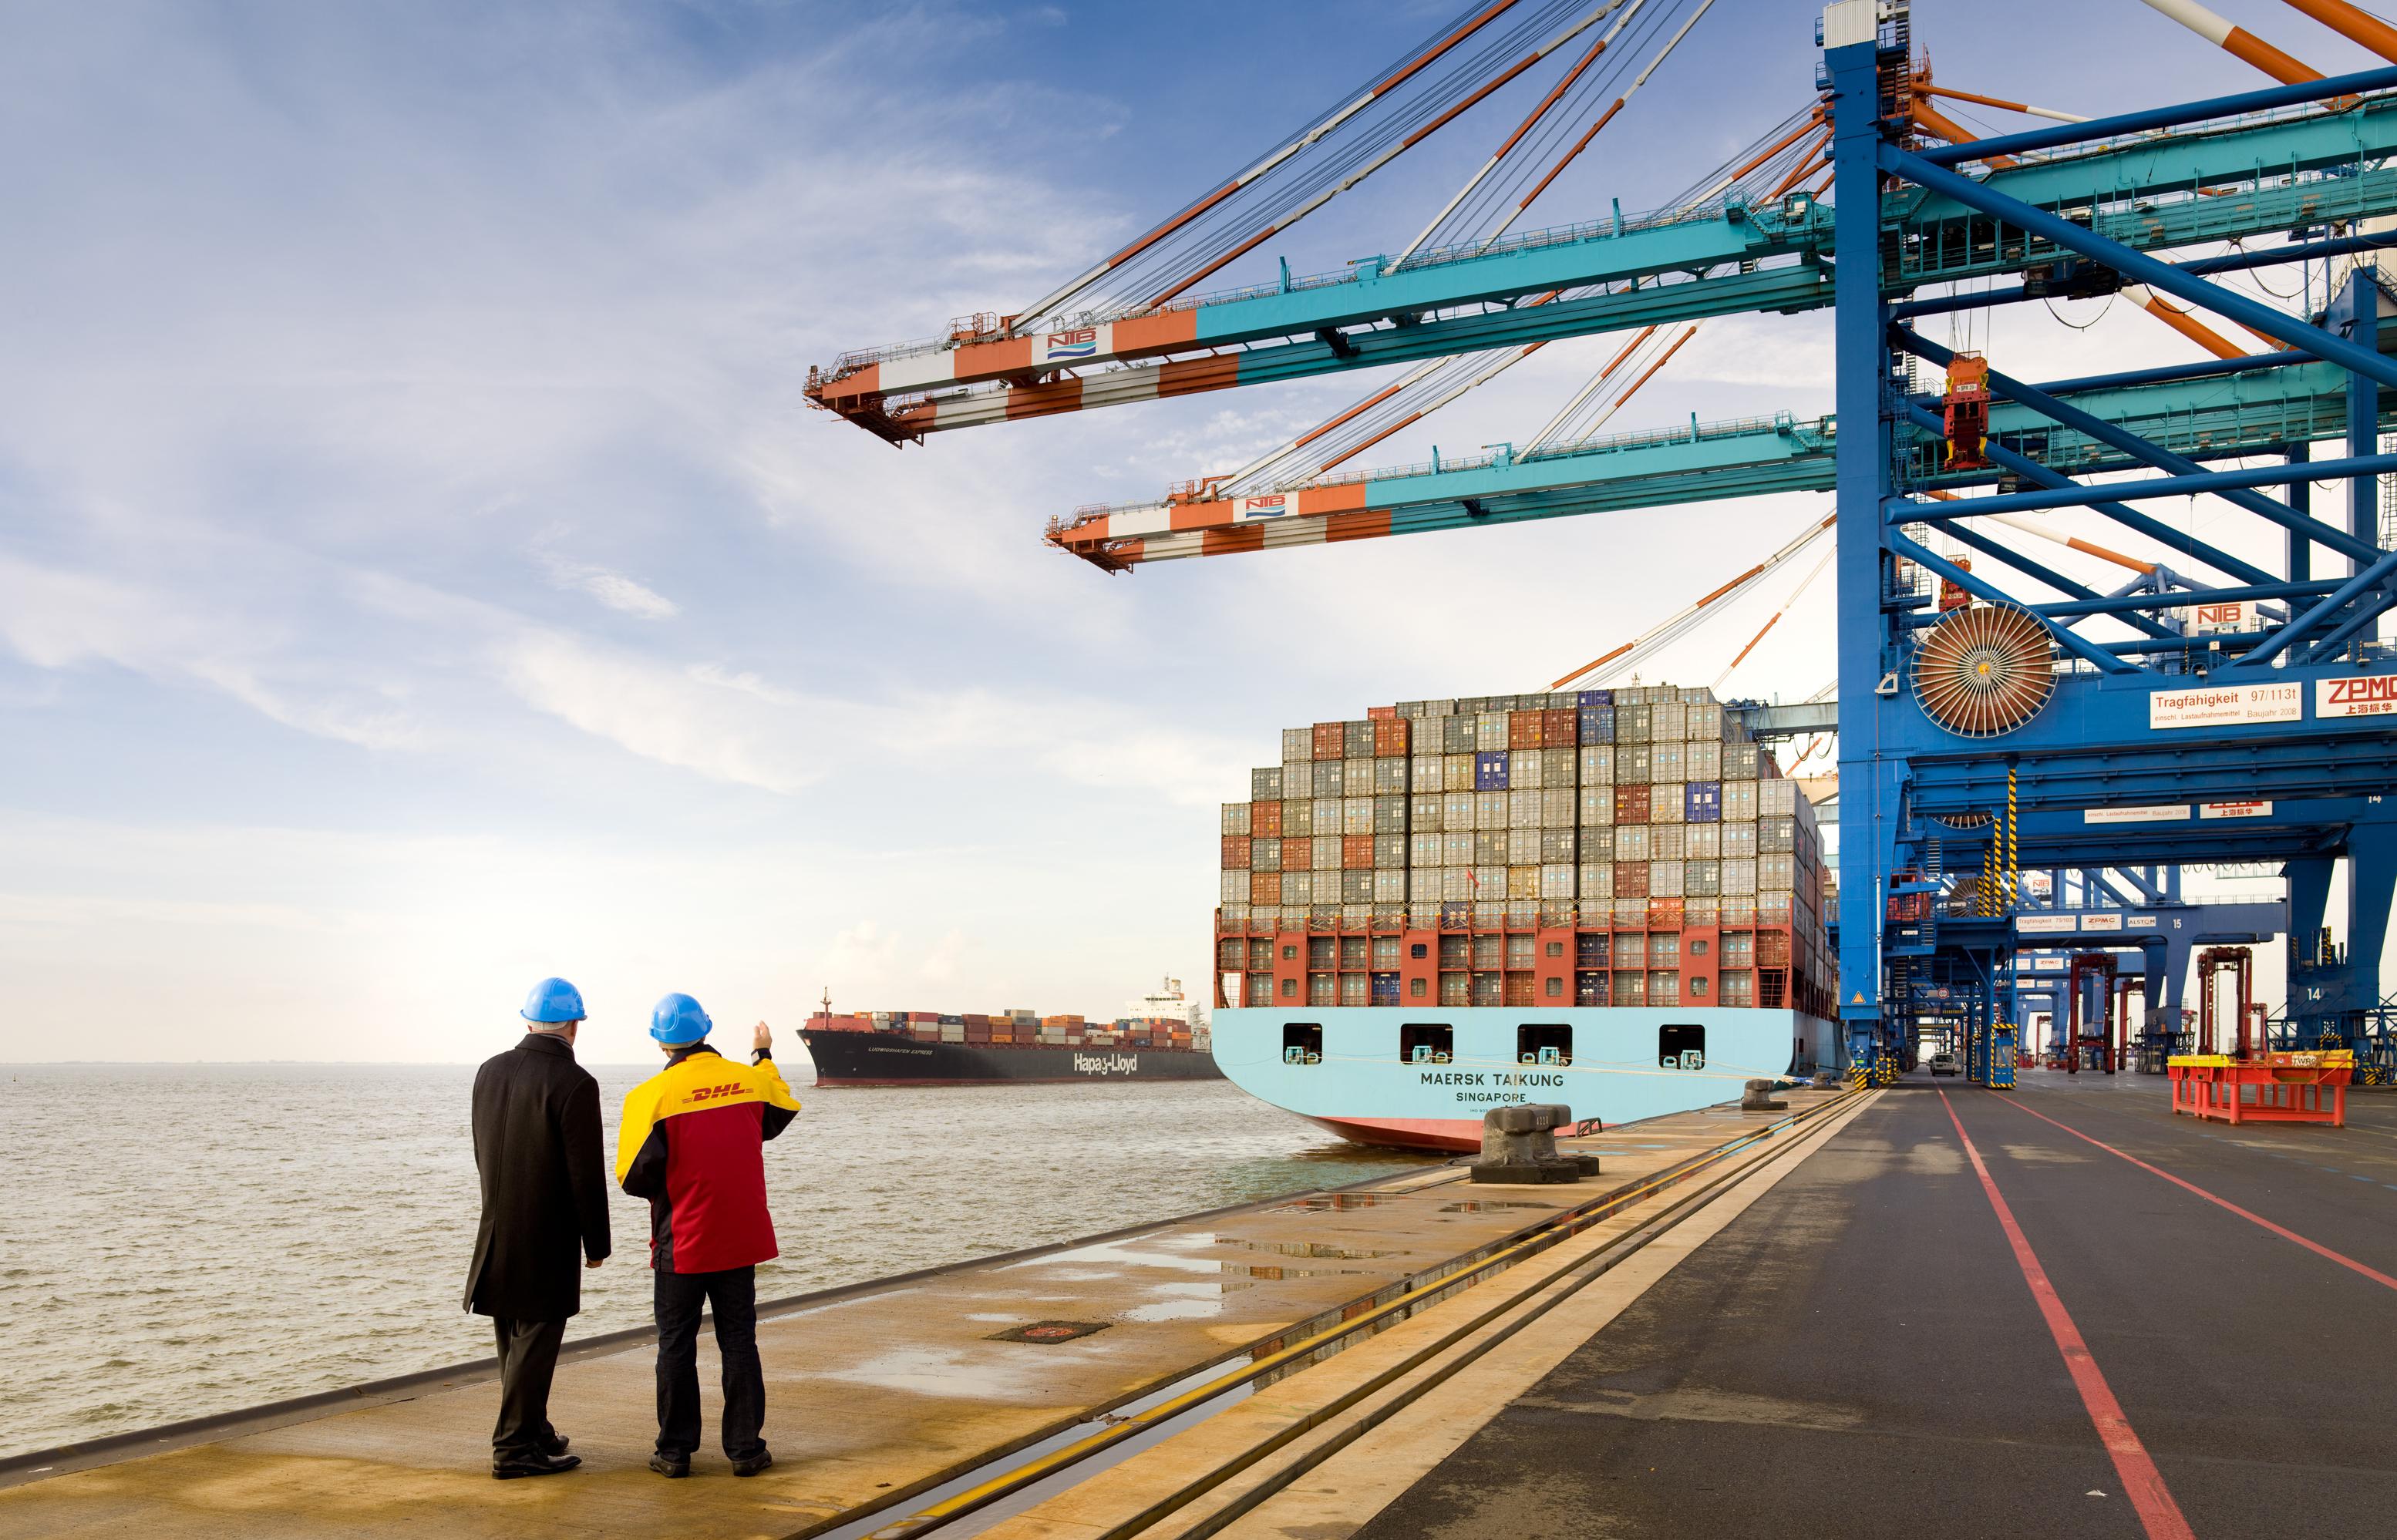 Servicio de aduana alsa cargo logistics peru sac for Oficinas dhl peru